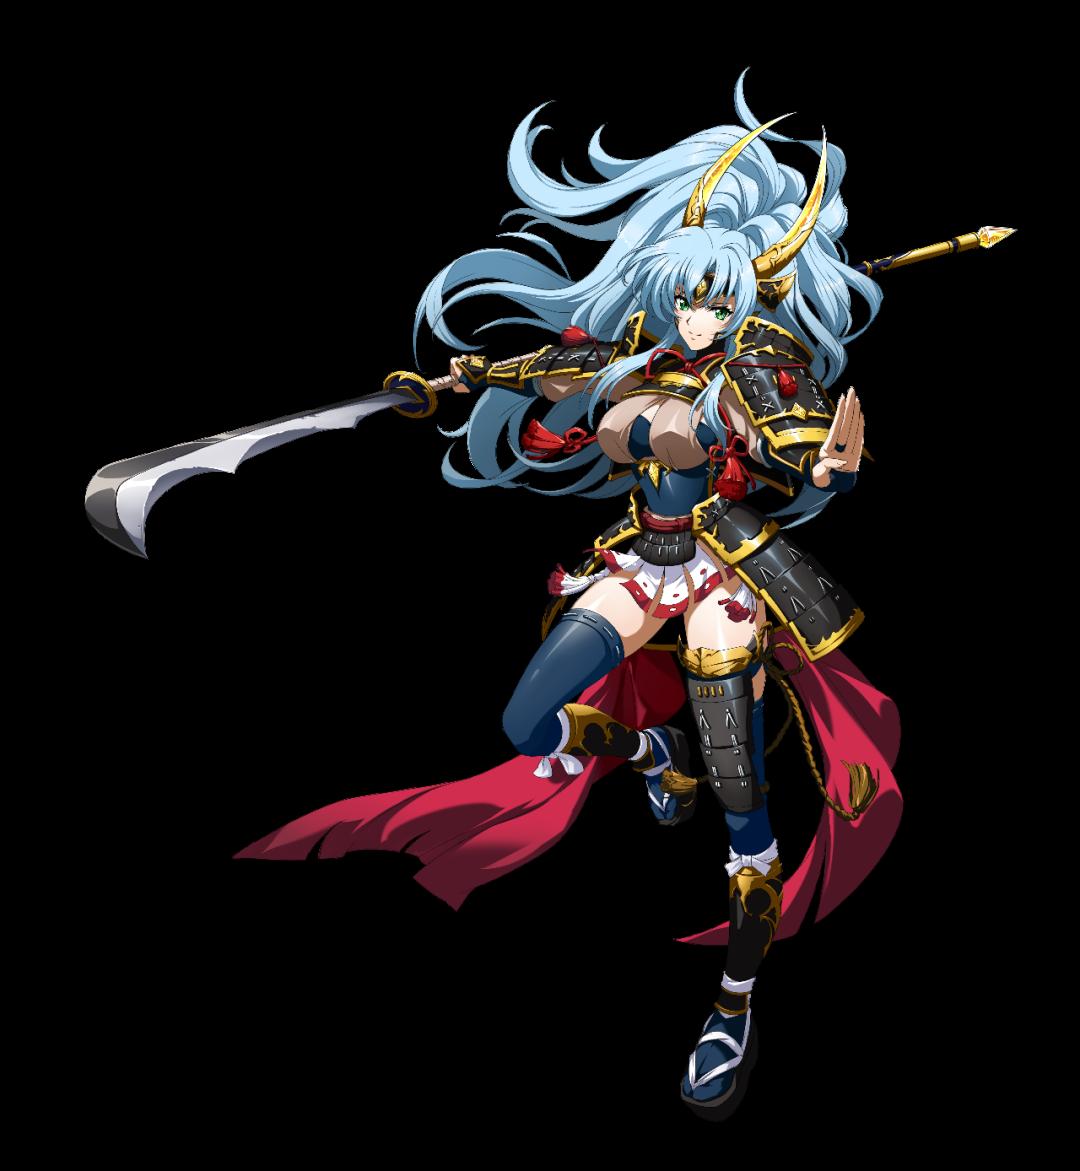 梦幻模拟战手游海伦娜极限输出打法 海伦娜打法推荐